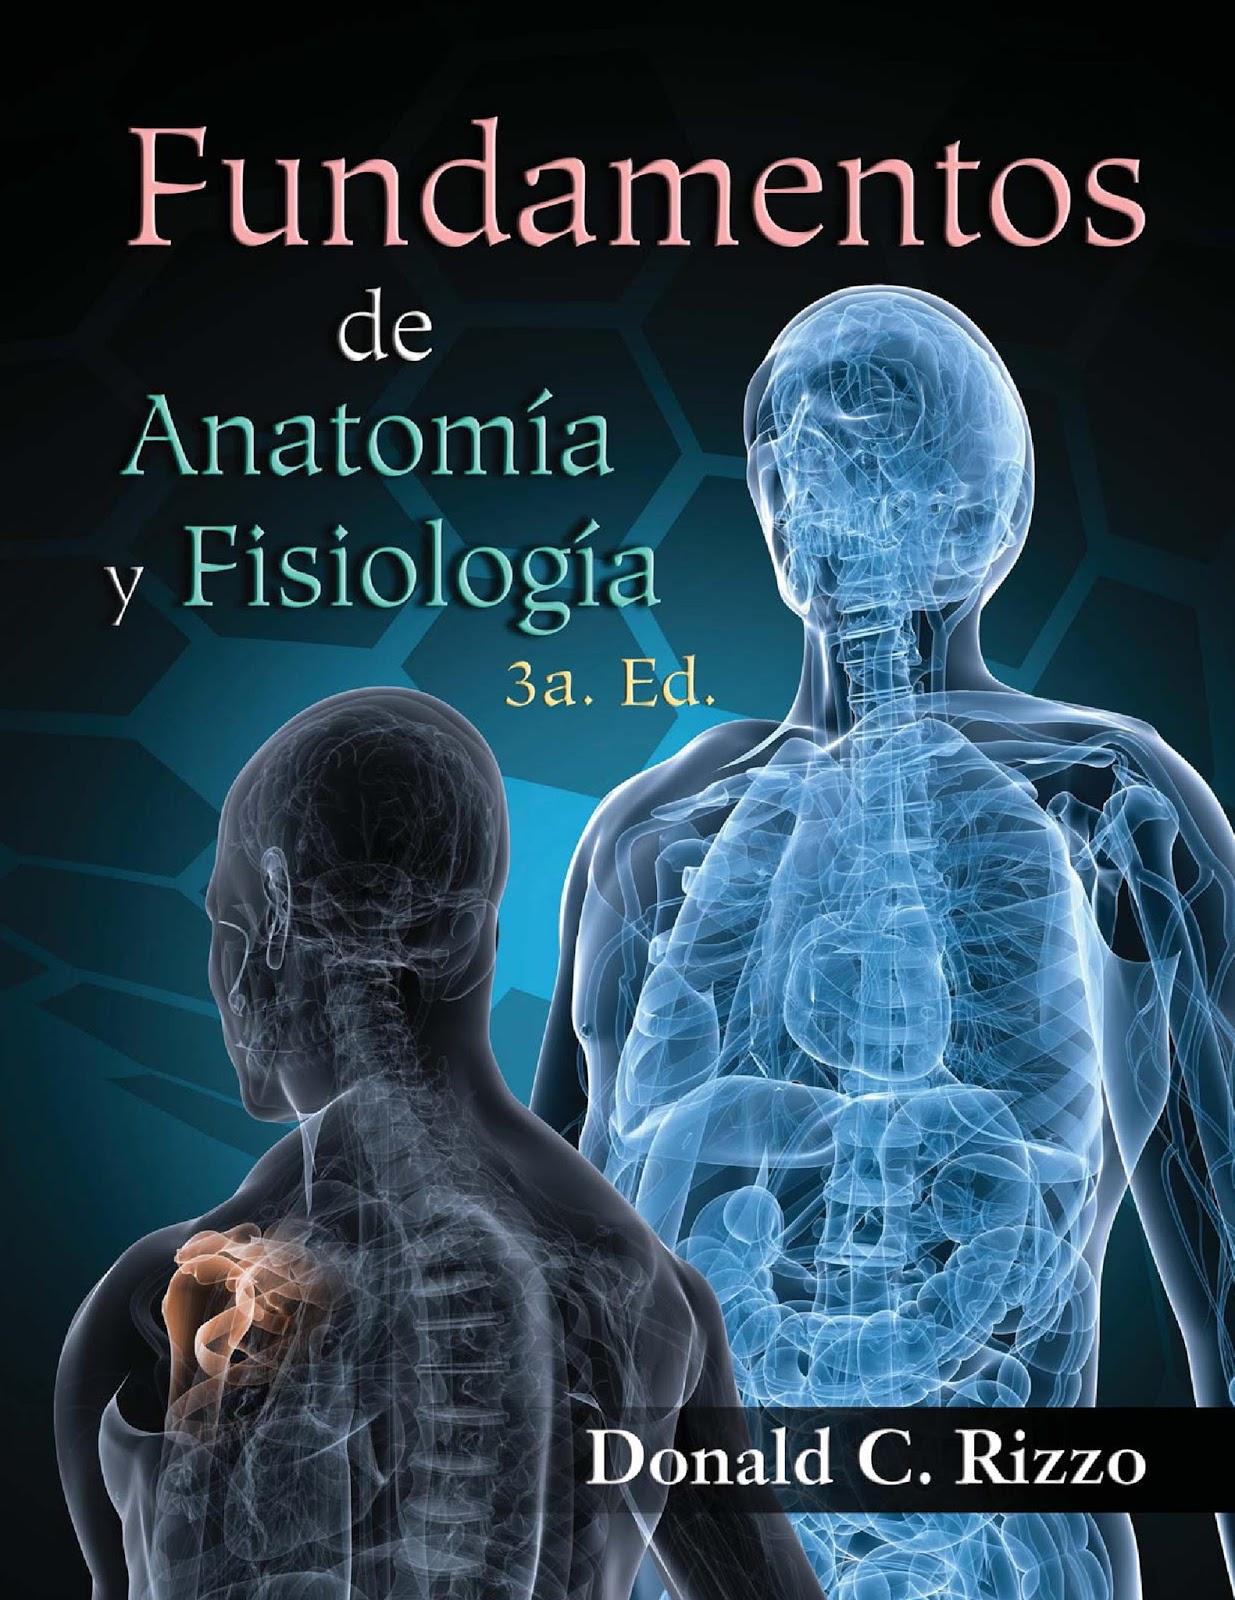 Fundamentos de anatomía y fisiología, 3ra Edición – Donald C. Rizzo